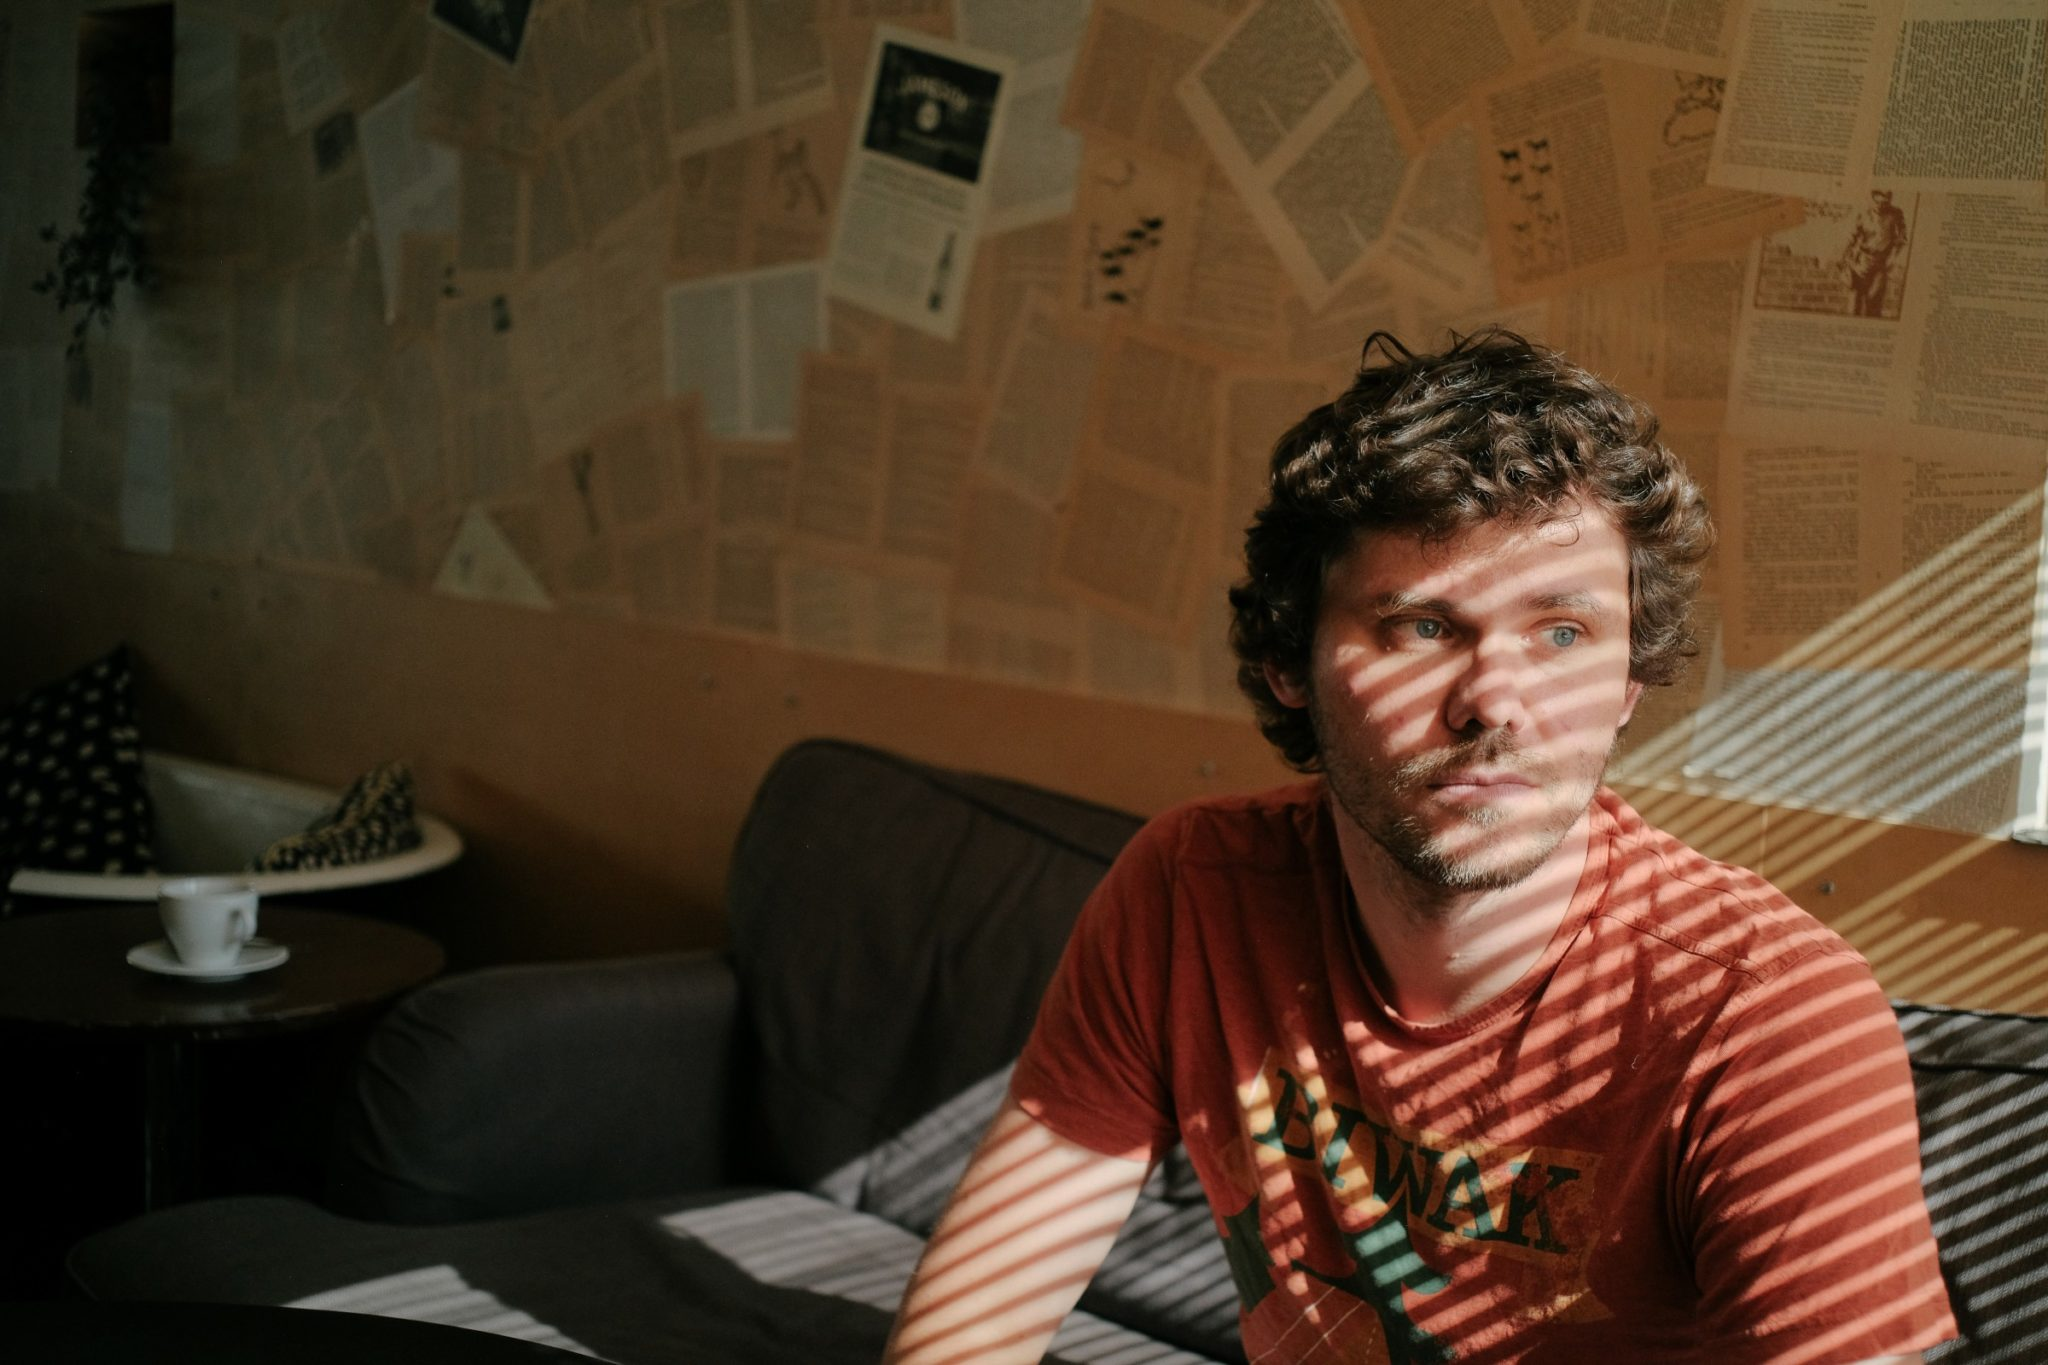 Mężczyzna siedzący w kawiarni ze światłem padającym mu na twarz